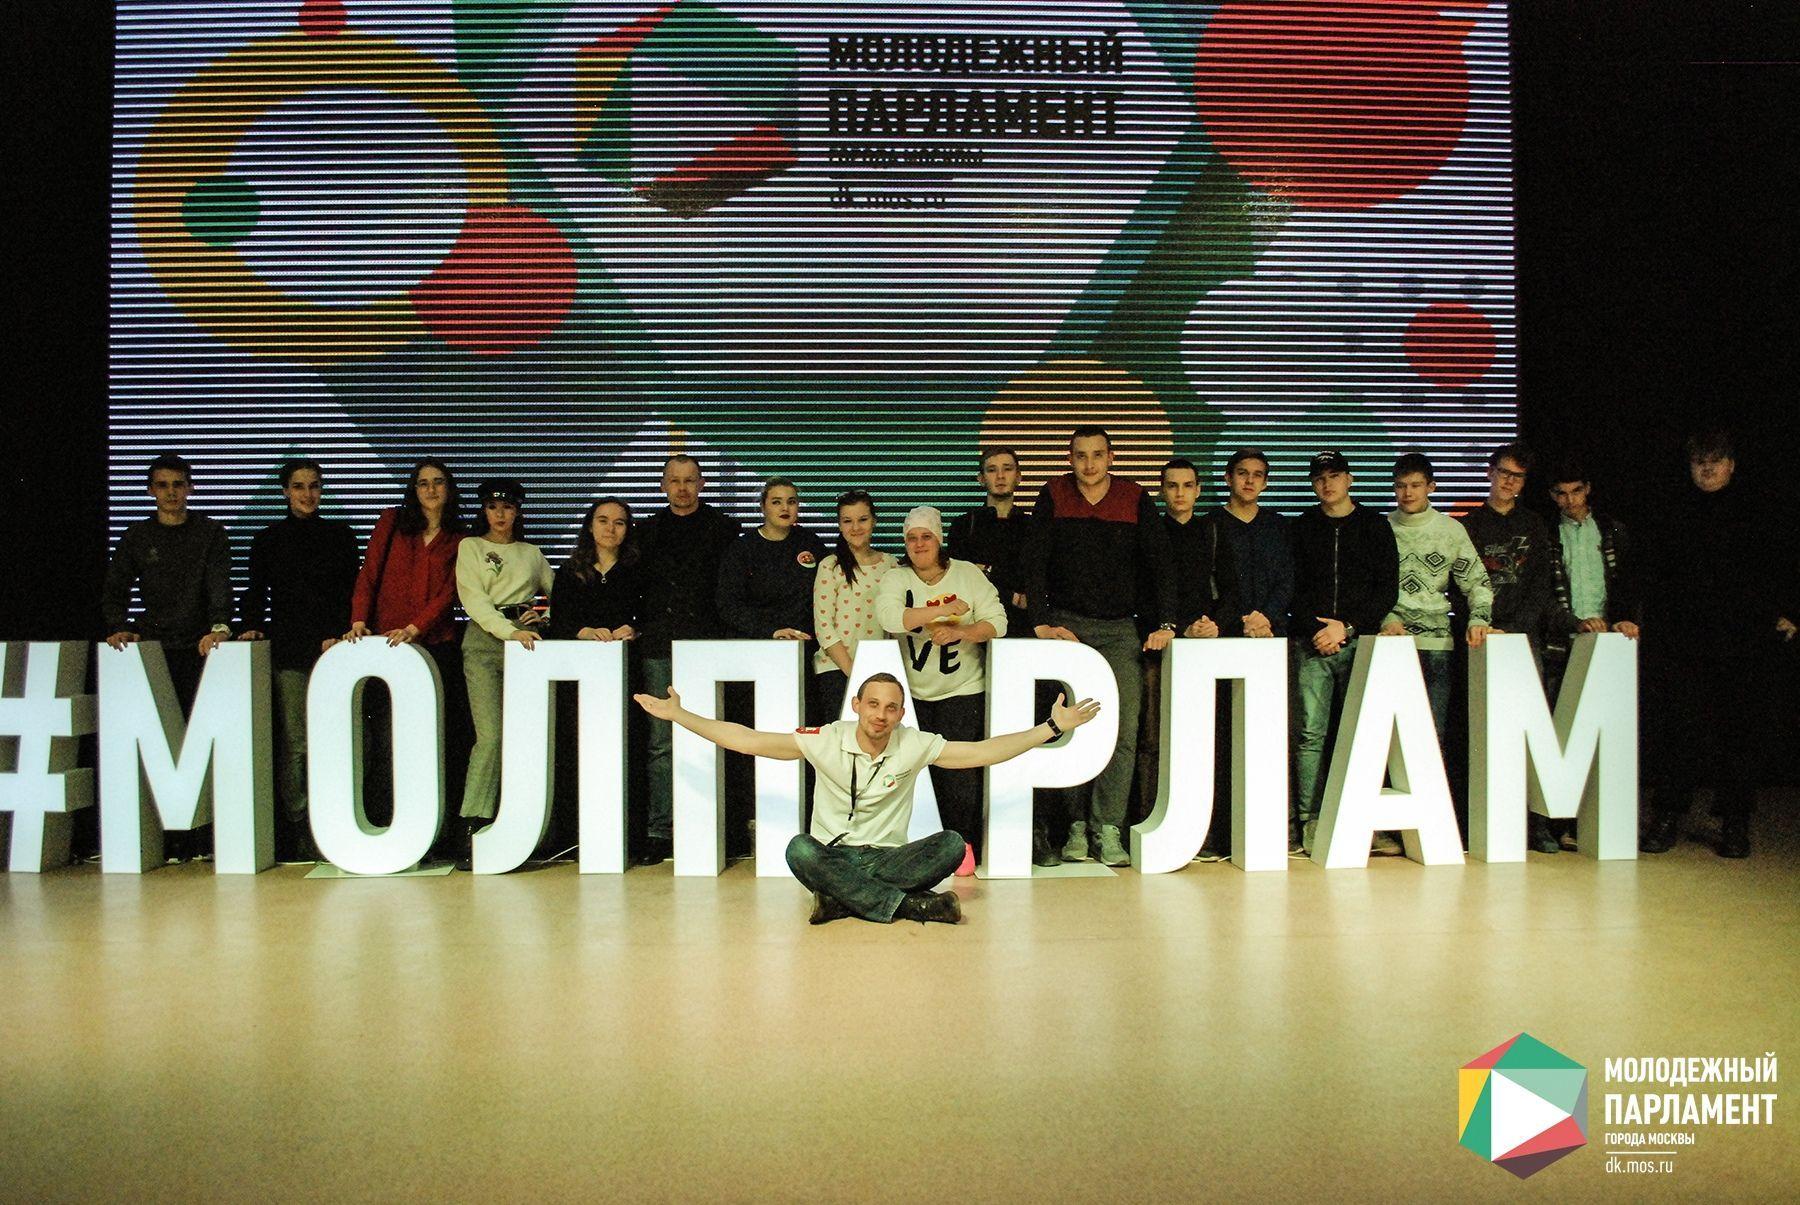 Представители Троицкой Молодежной палаты побывали на дне открытых дверей